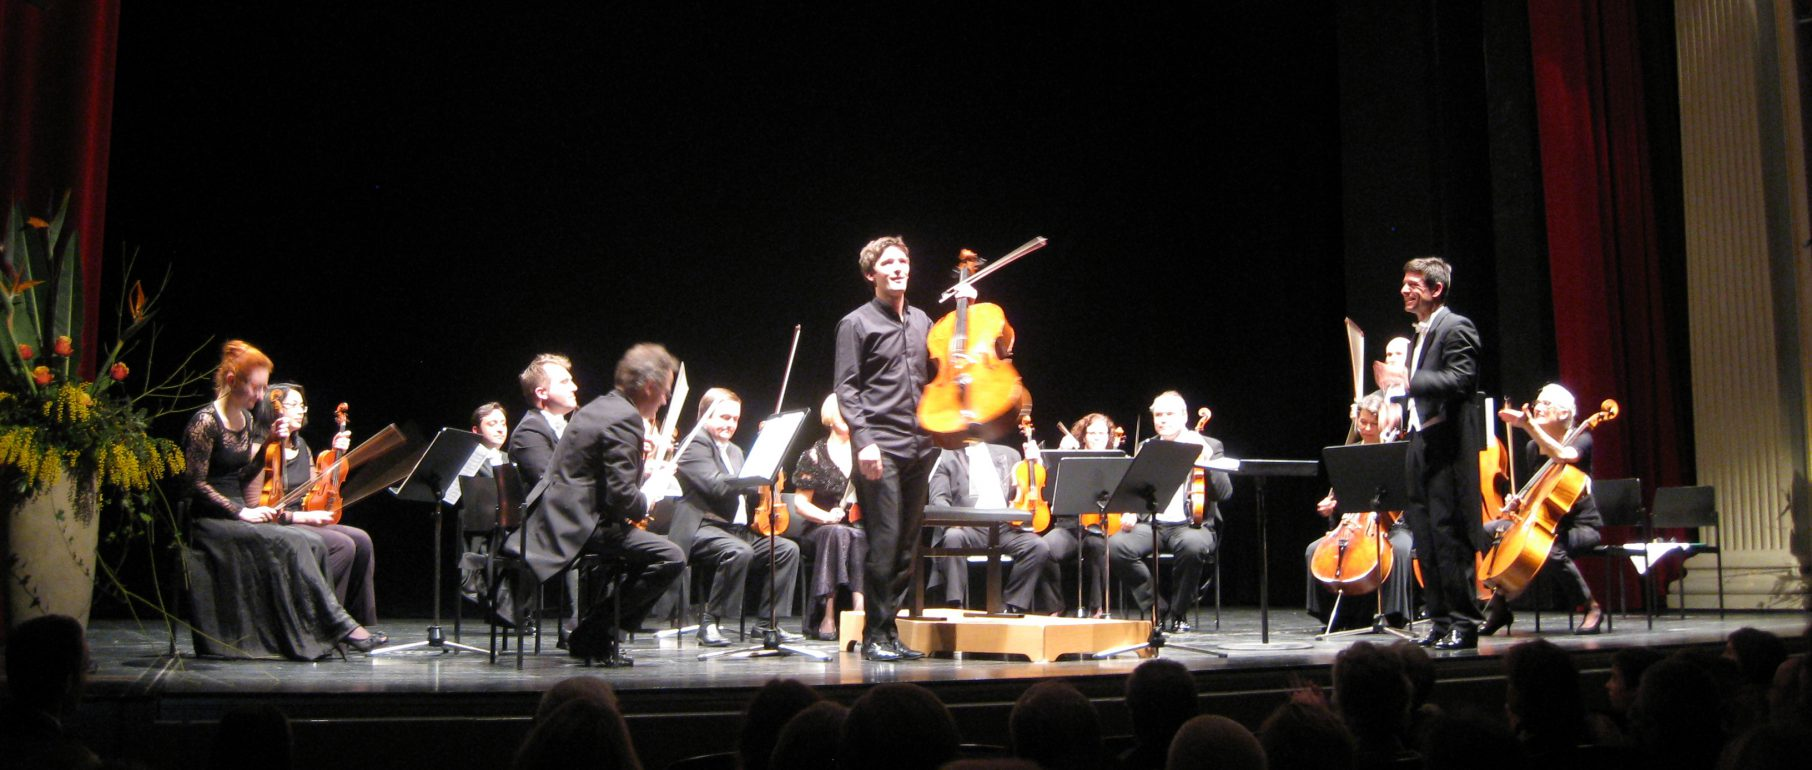 Cellist Maximilian Hornung, Timo Handschuh und das Südwestdeutsche Kammerorchester Pforzheim im Theater Kempten